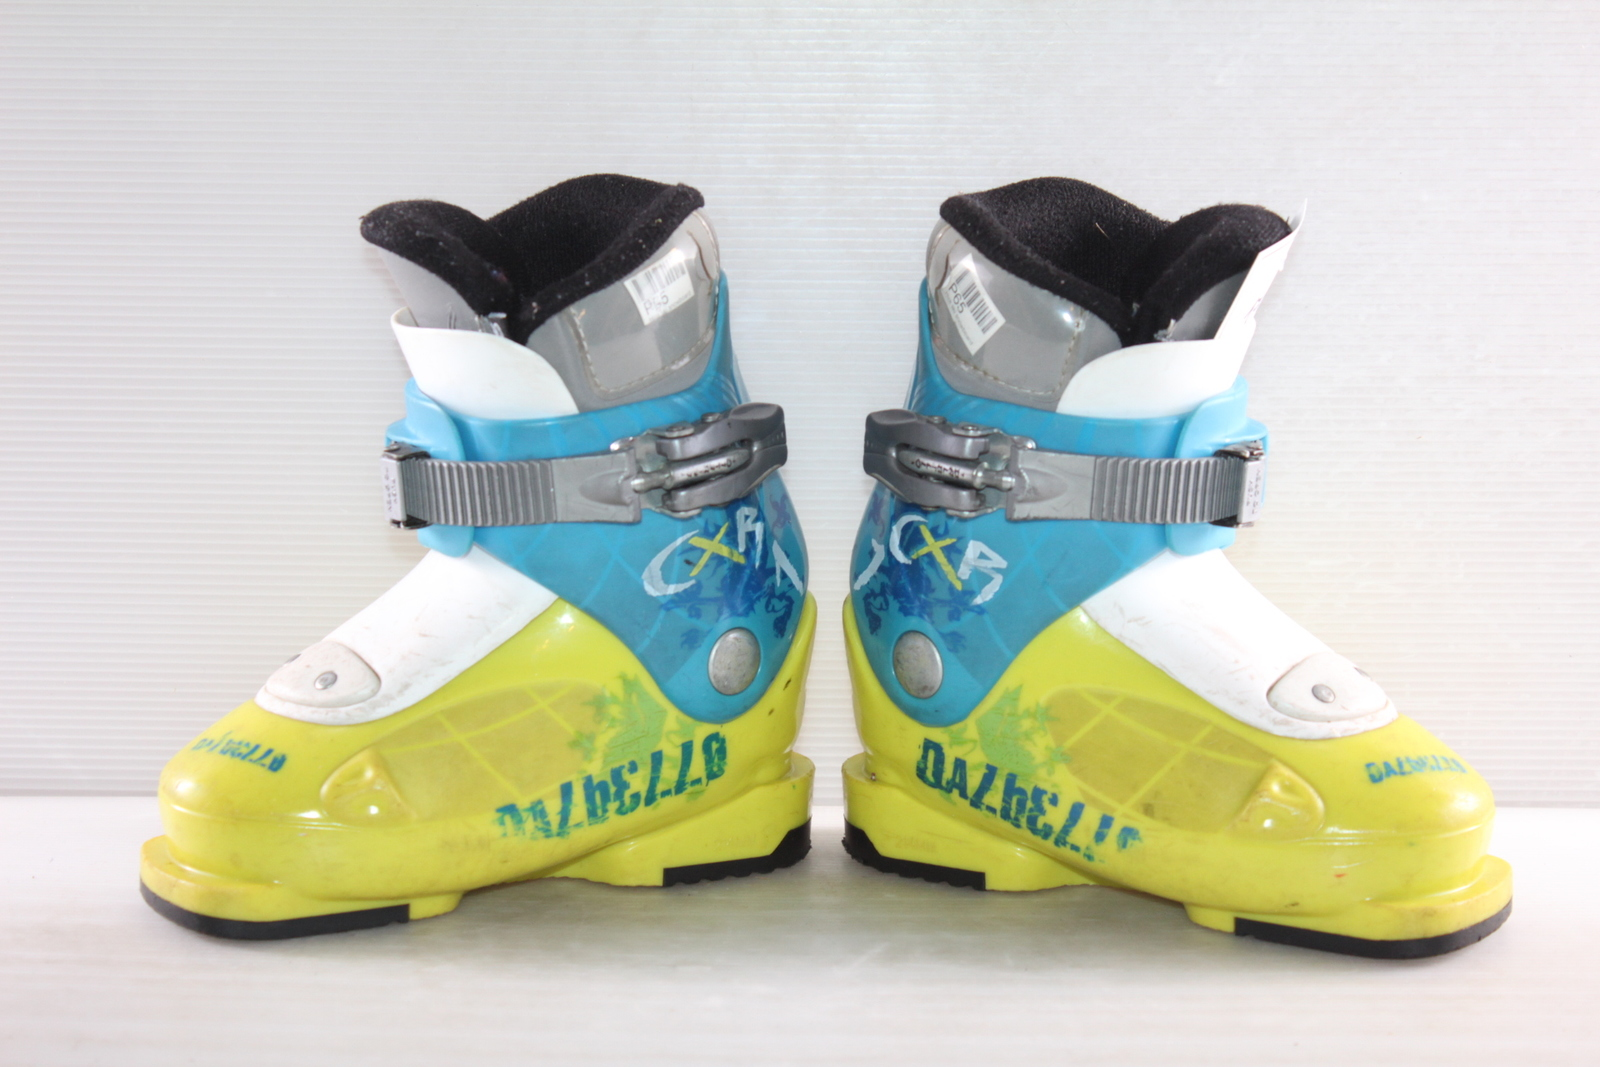 Dětské lyžáky Dalbello CXR 1 vel. EU27